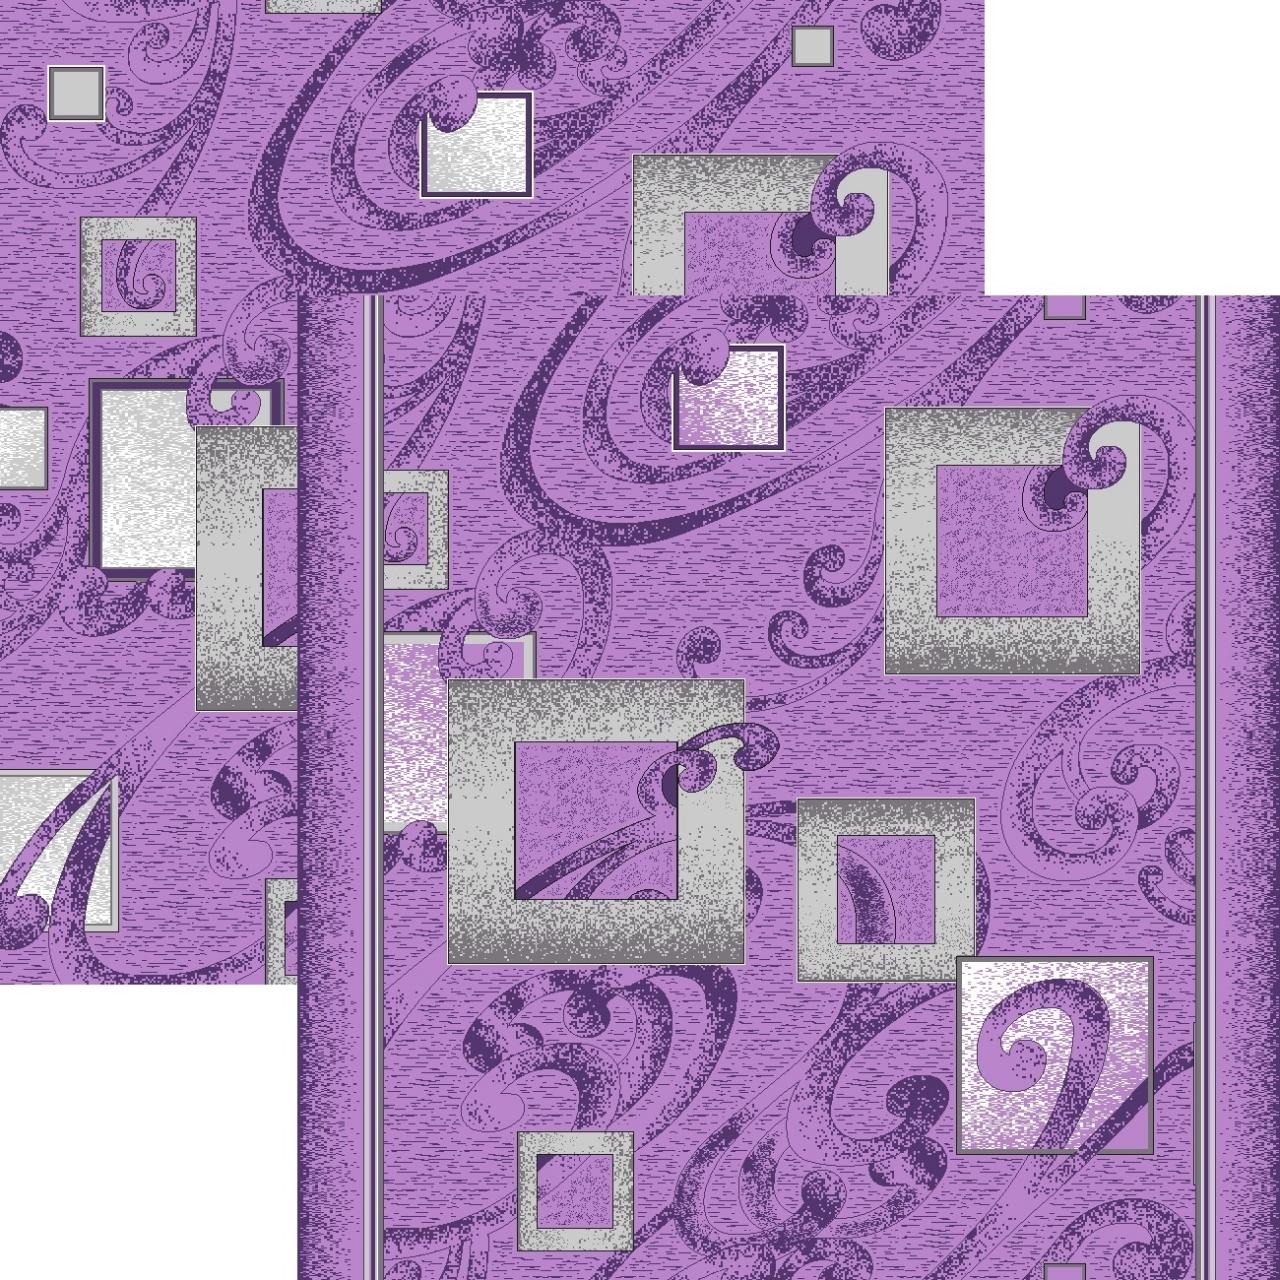 принт 8-ми цветное полотно - p1023m5p - 50